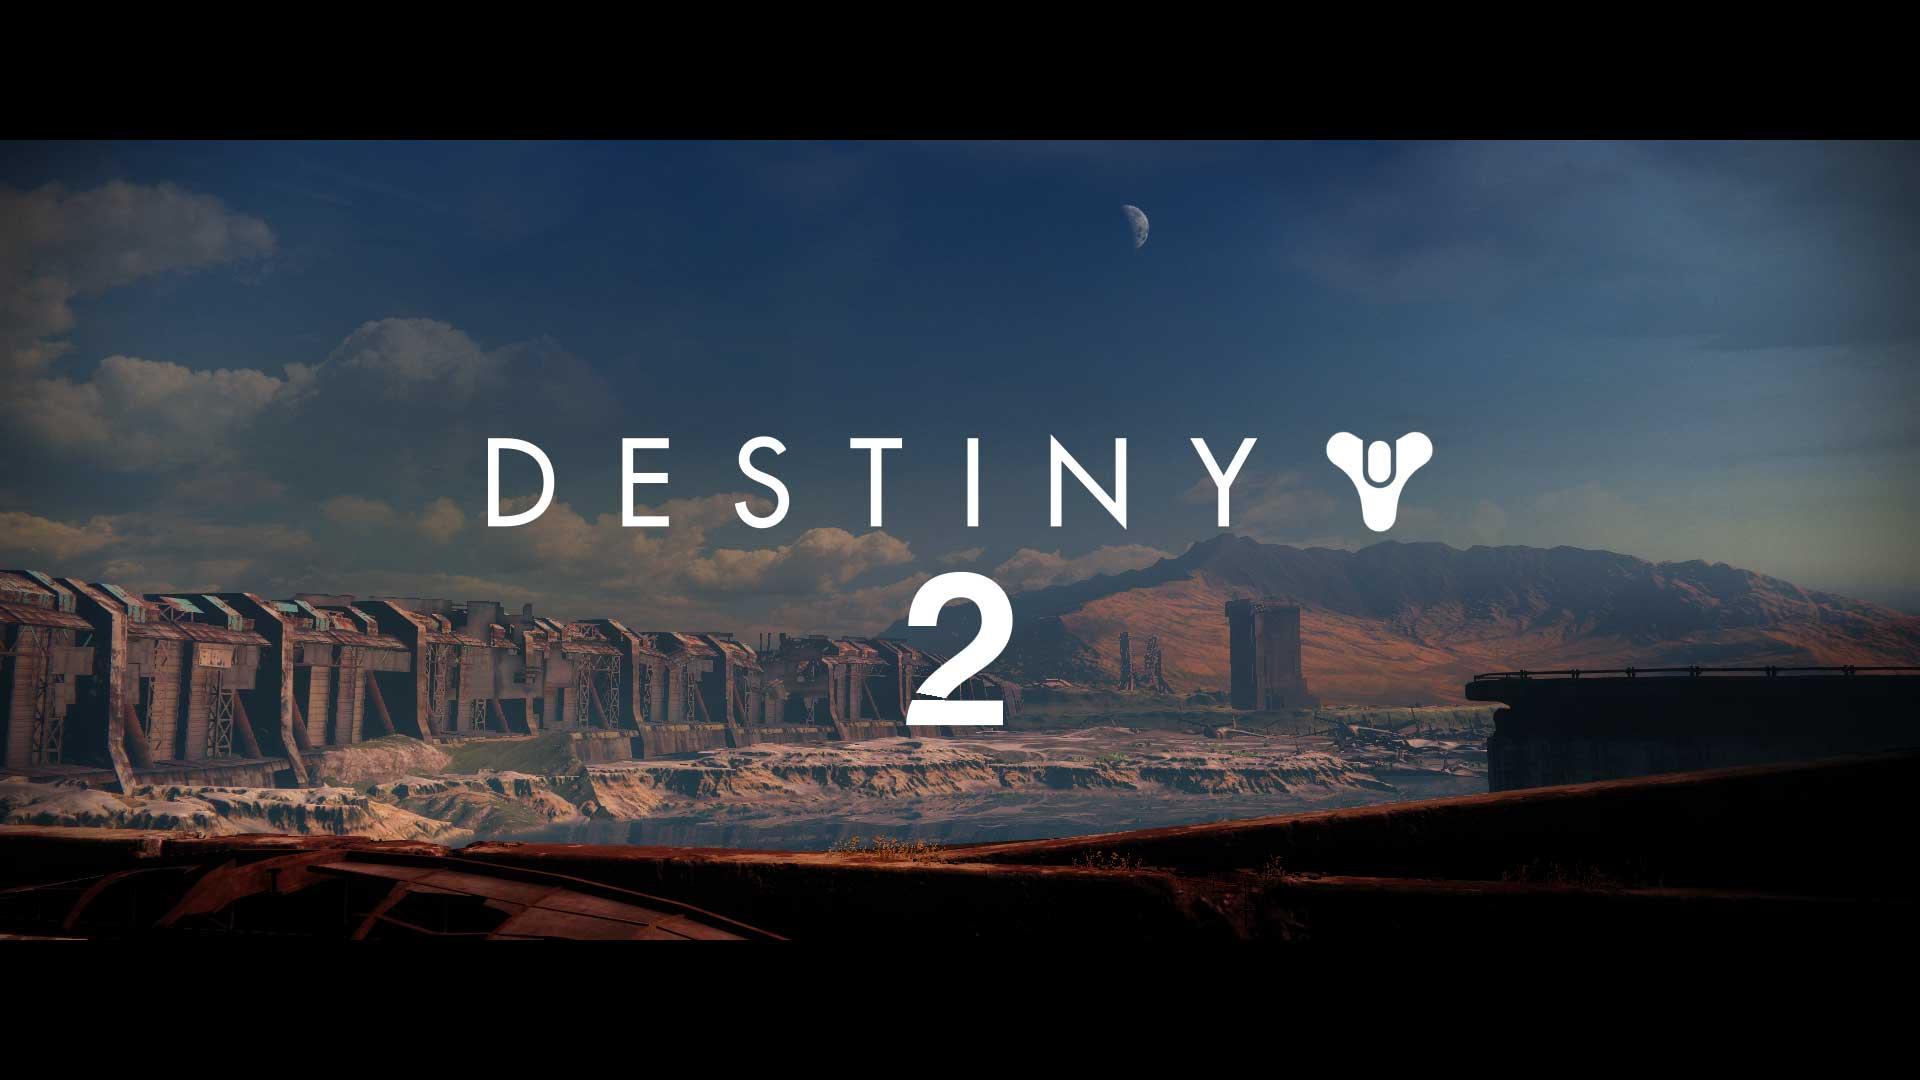 Czy warto zagrać w Destiny 2 F2P w 2019?